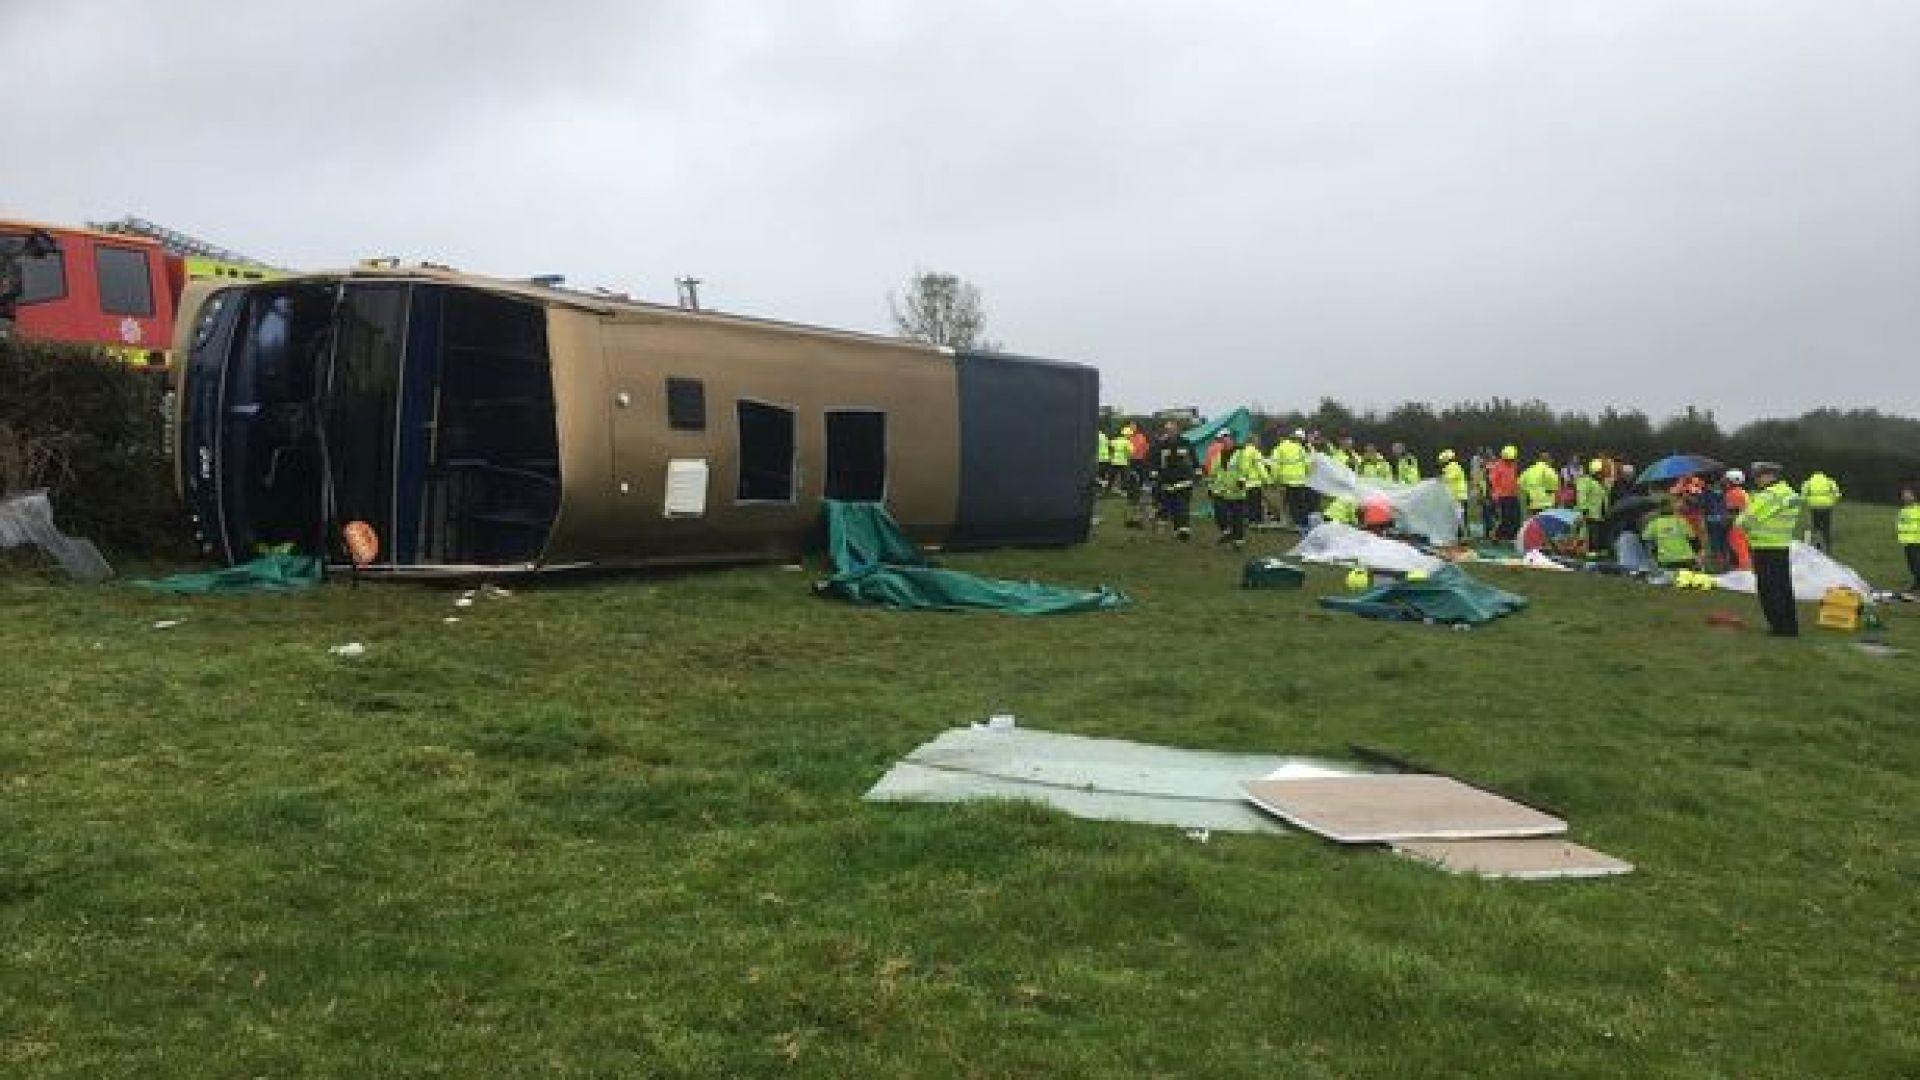 37 ранени при преобръщане на двуетажен автобус в Англия (снимки)